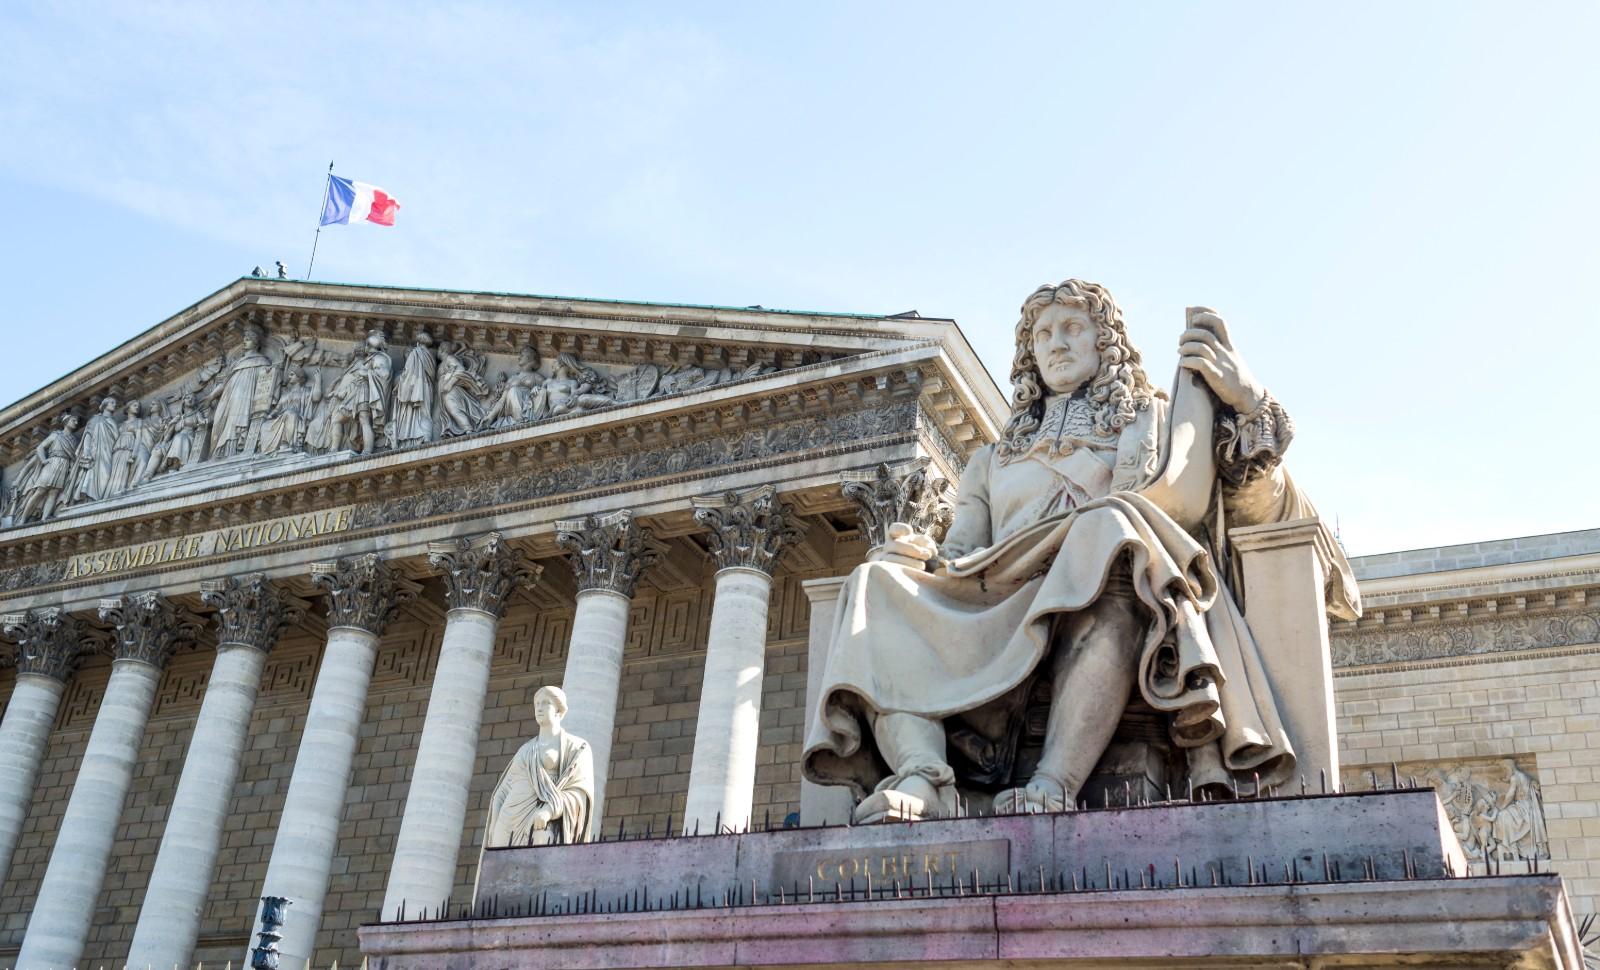 La statue de Colbert devant le Palais Bourbon, siège de l'assemblée nationale. © Hannah Assouline